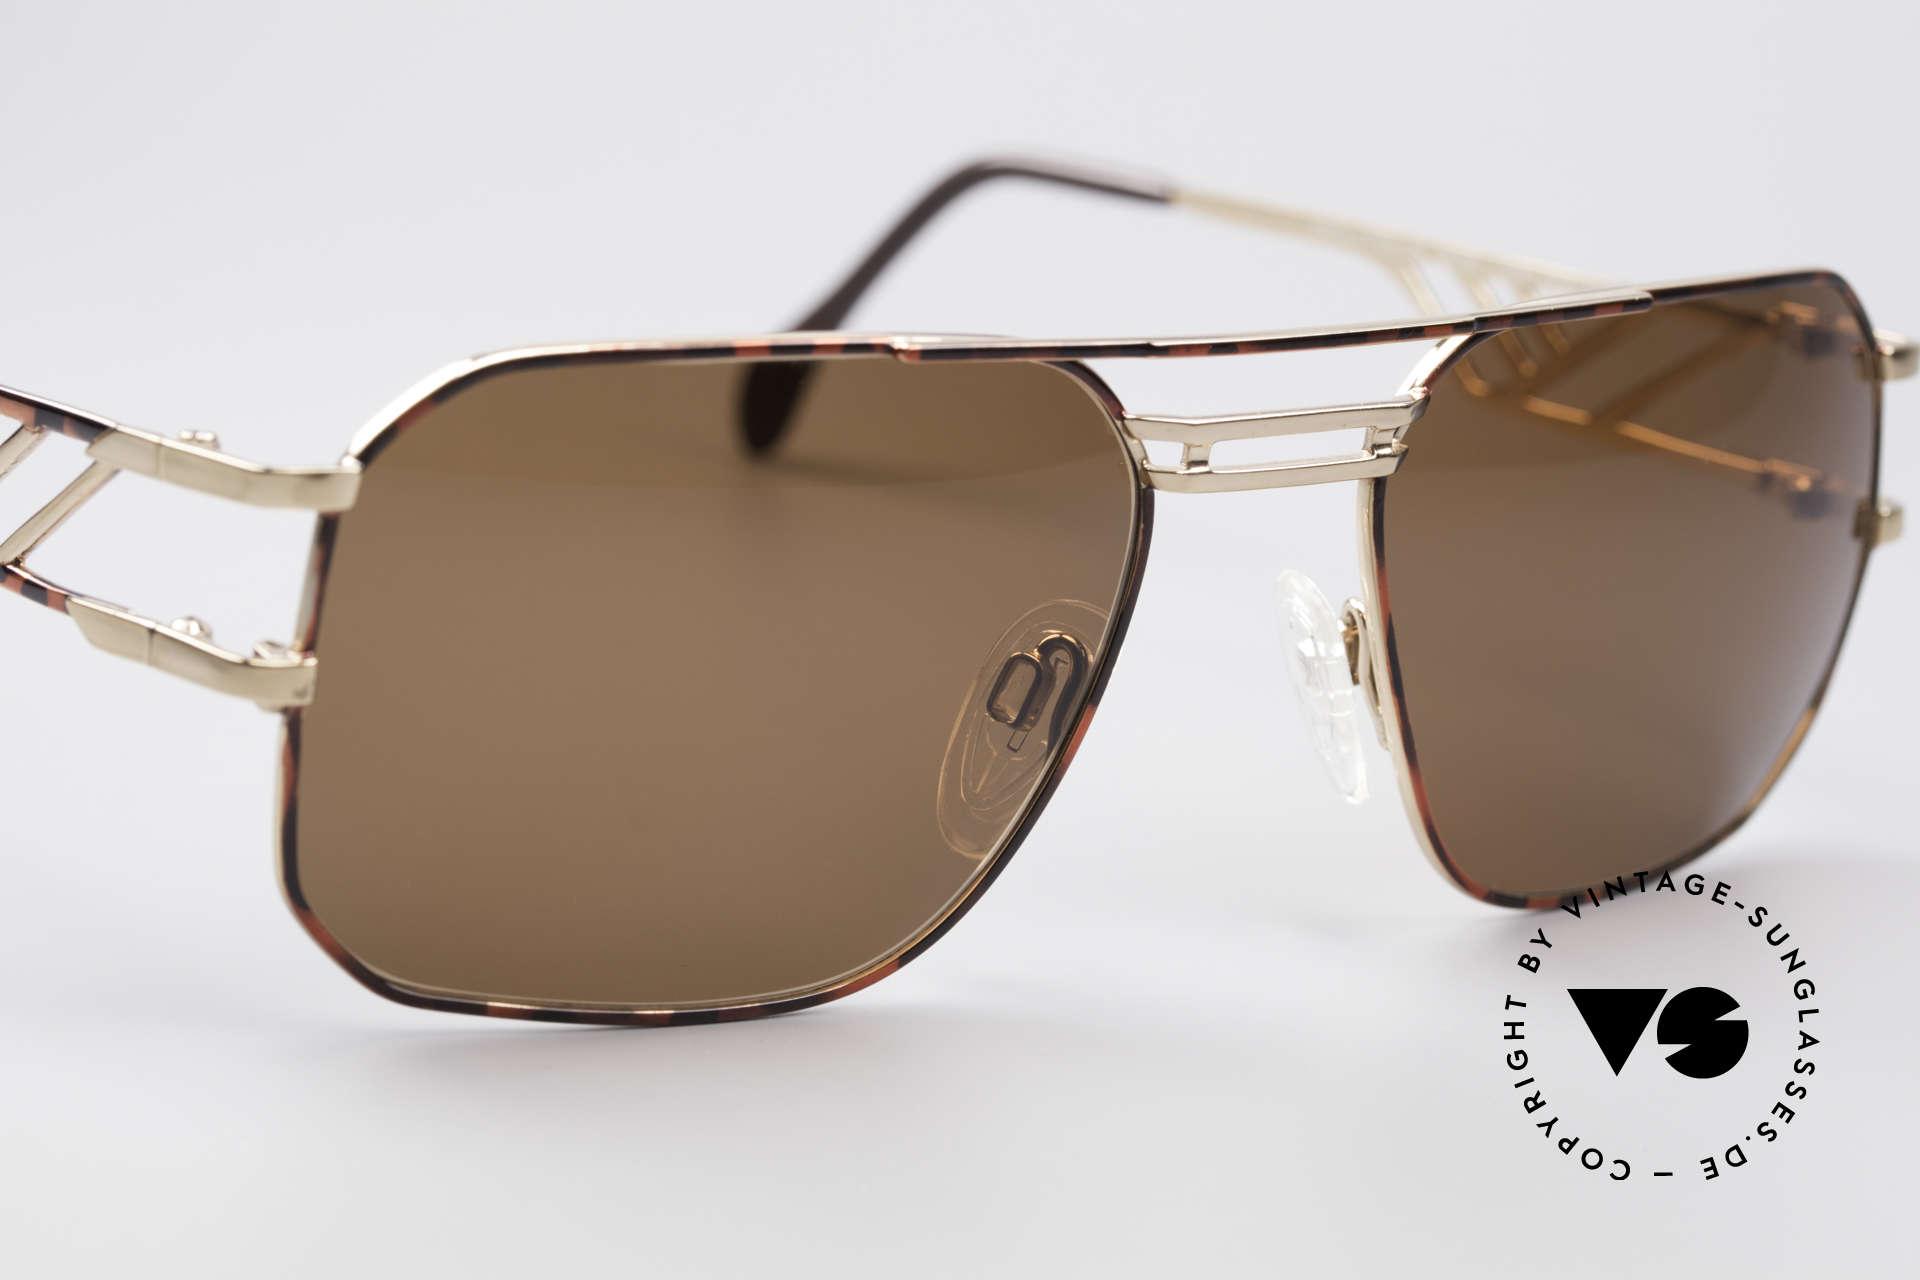 Neostyle Boutique 306 1980er Herren Sonnenbrille, ungetragen (wie alle unsere Neostyle Brillen), Passend für Herren